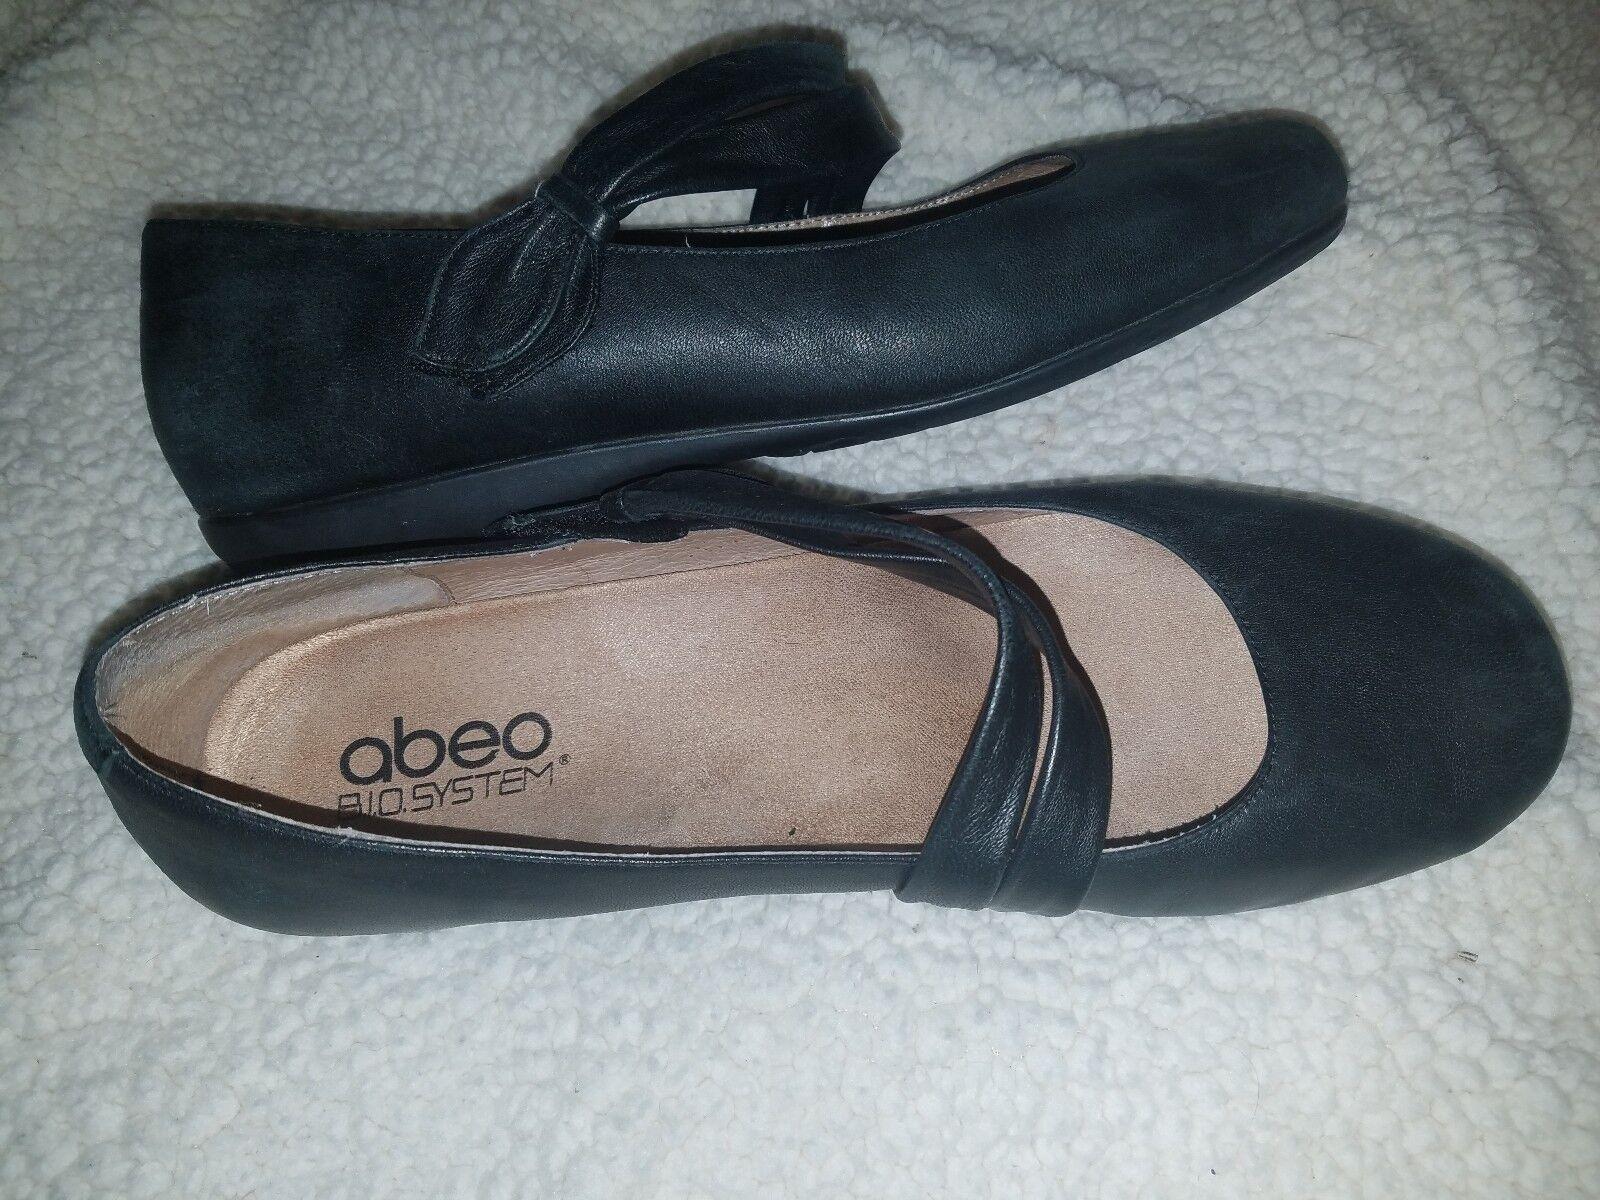 Abeo 10 n Tiana Mary Jane Zapatos Vlack Vlack Vlack Cuero Ballet Zapatos sin Taco Sin Ortopédico Confort  Precio al por mayor y calidad confiable.